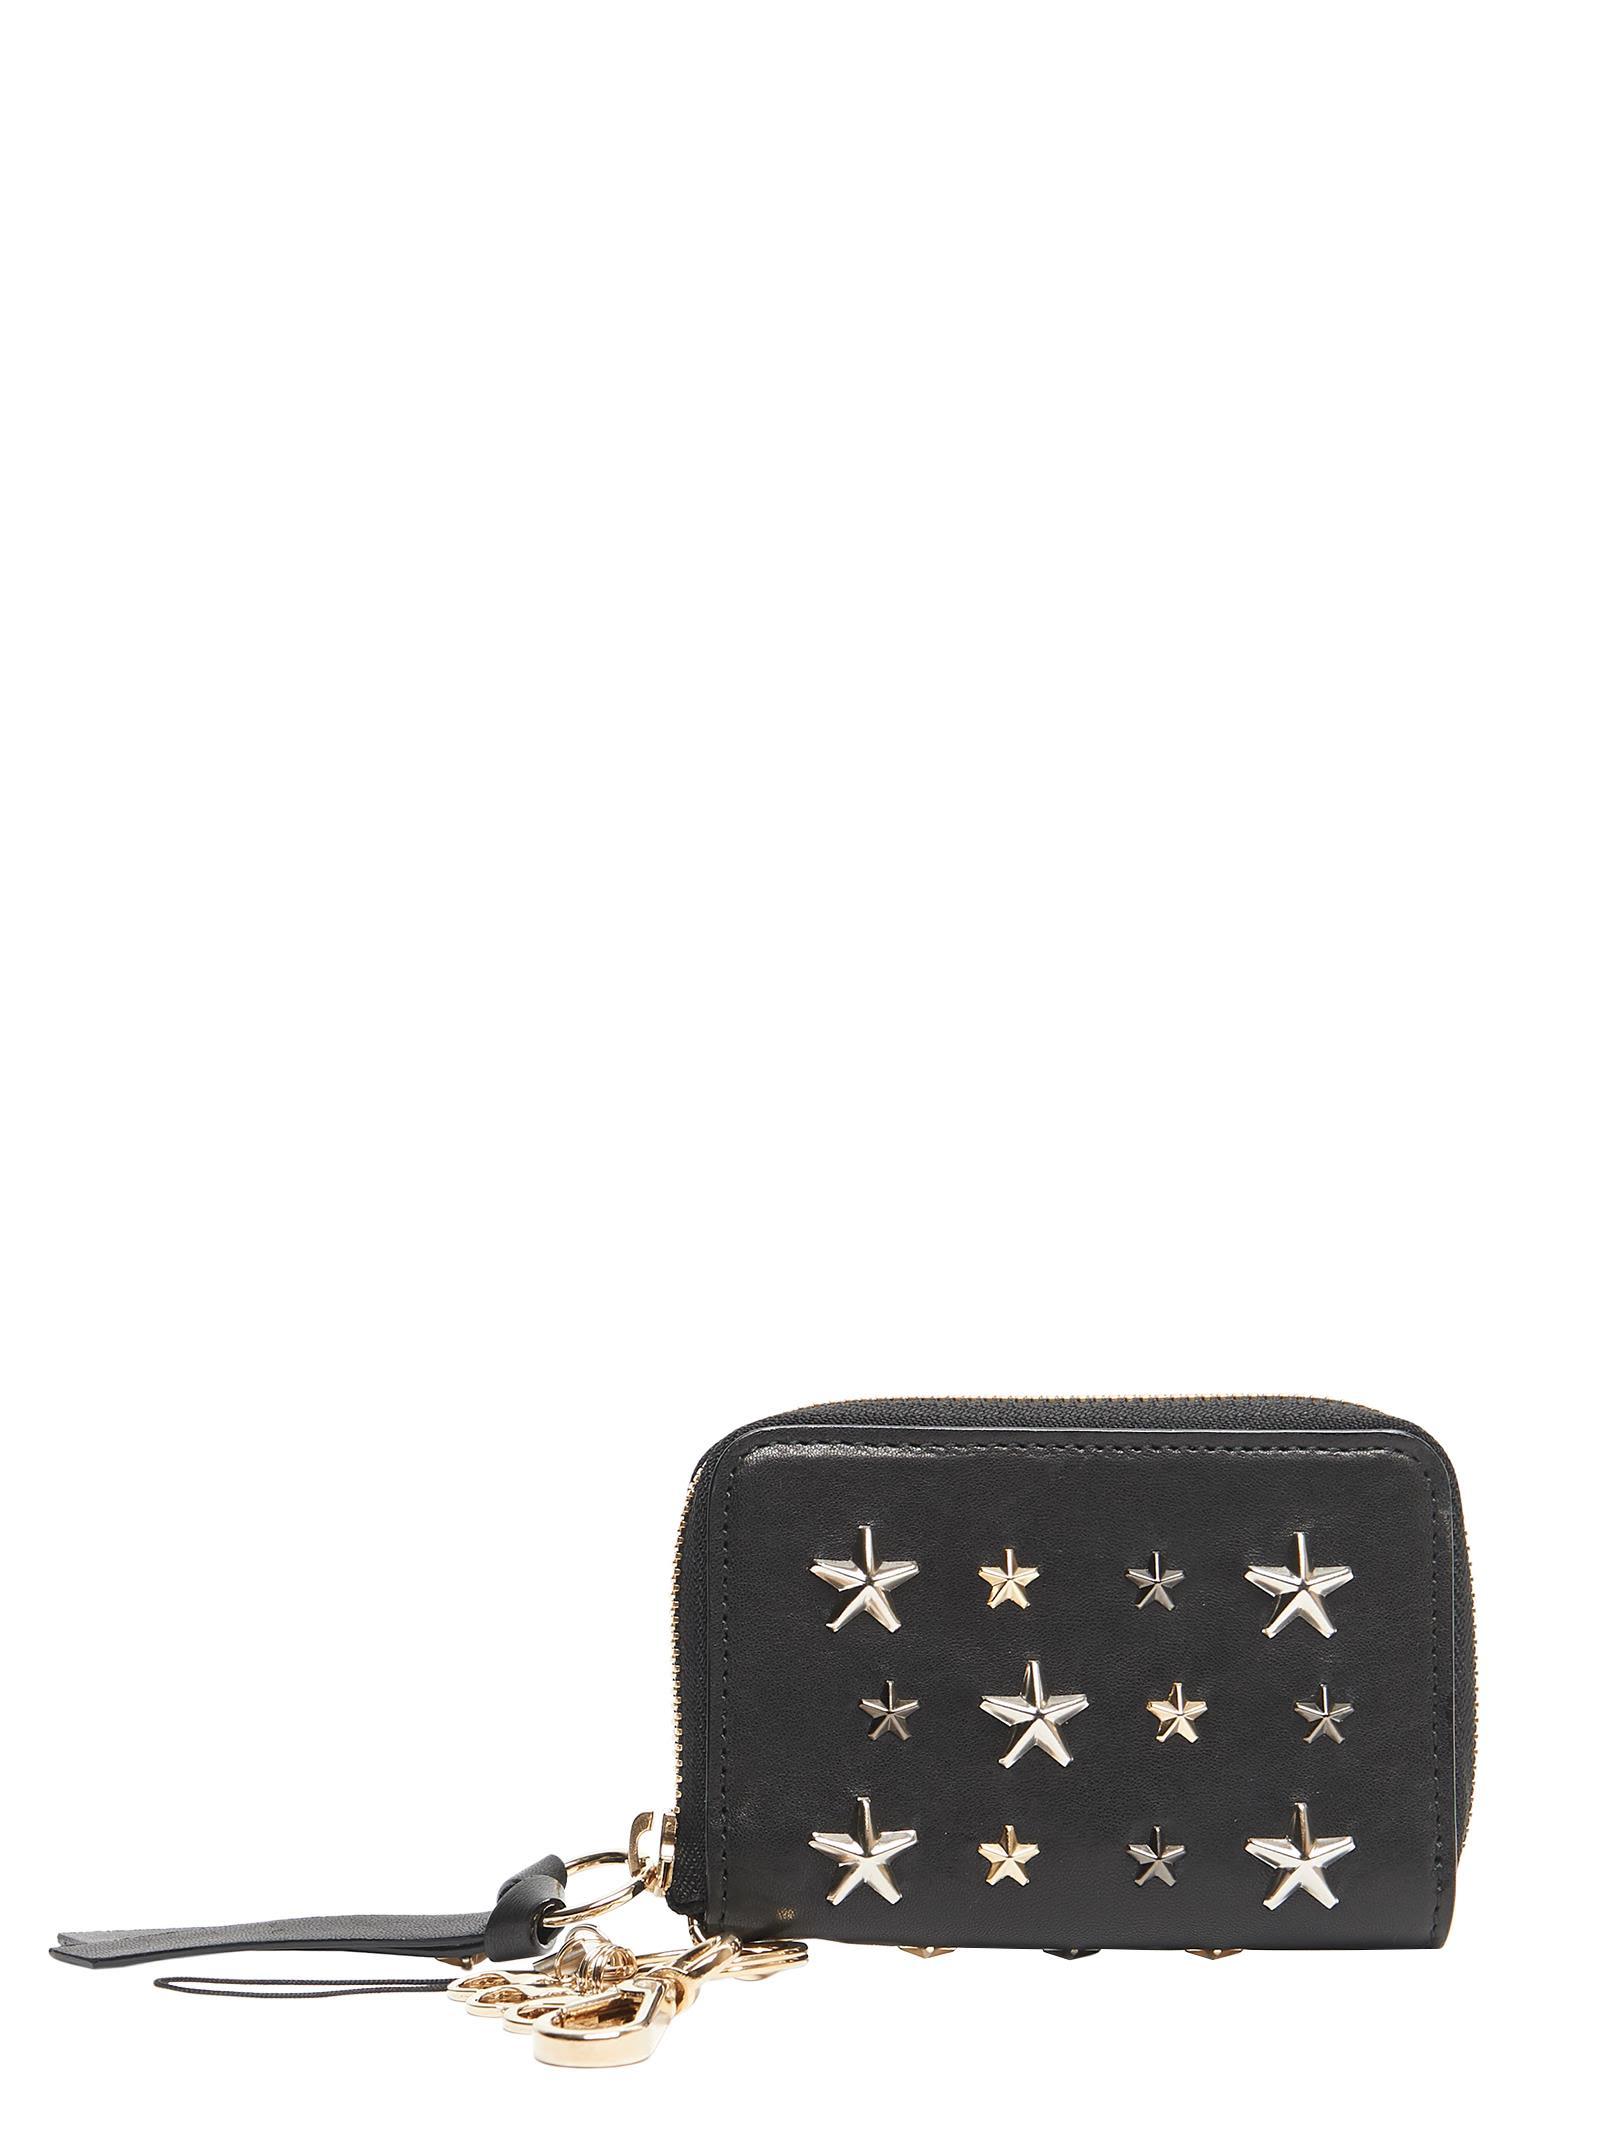 'Regina' Wallet, Black